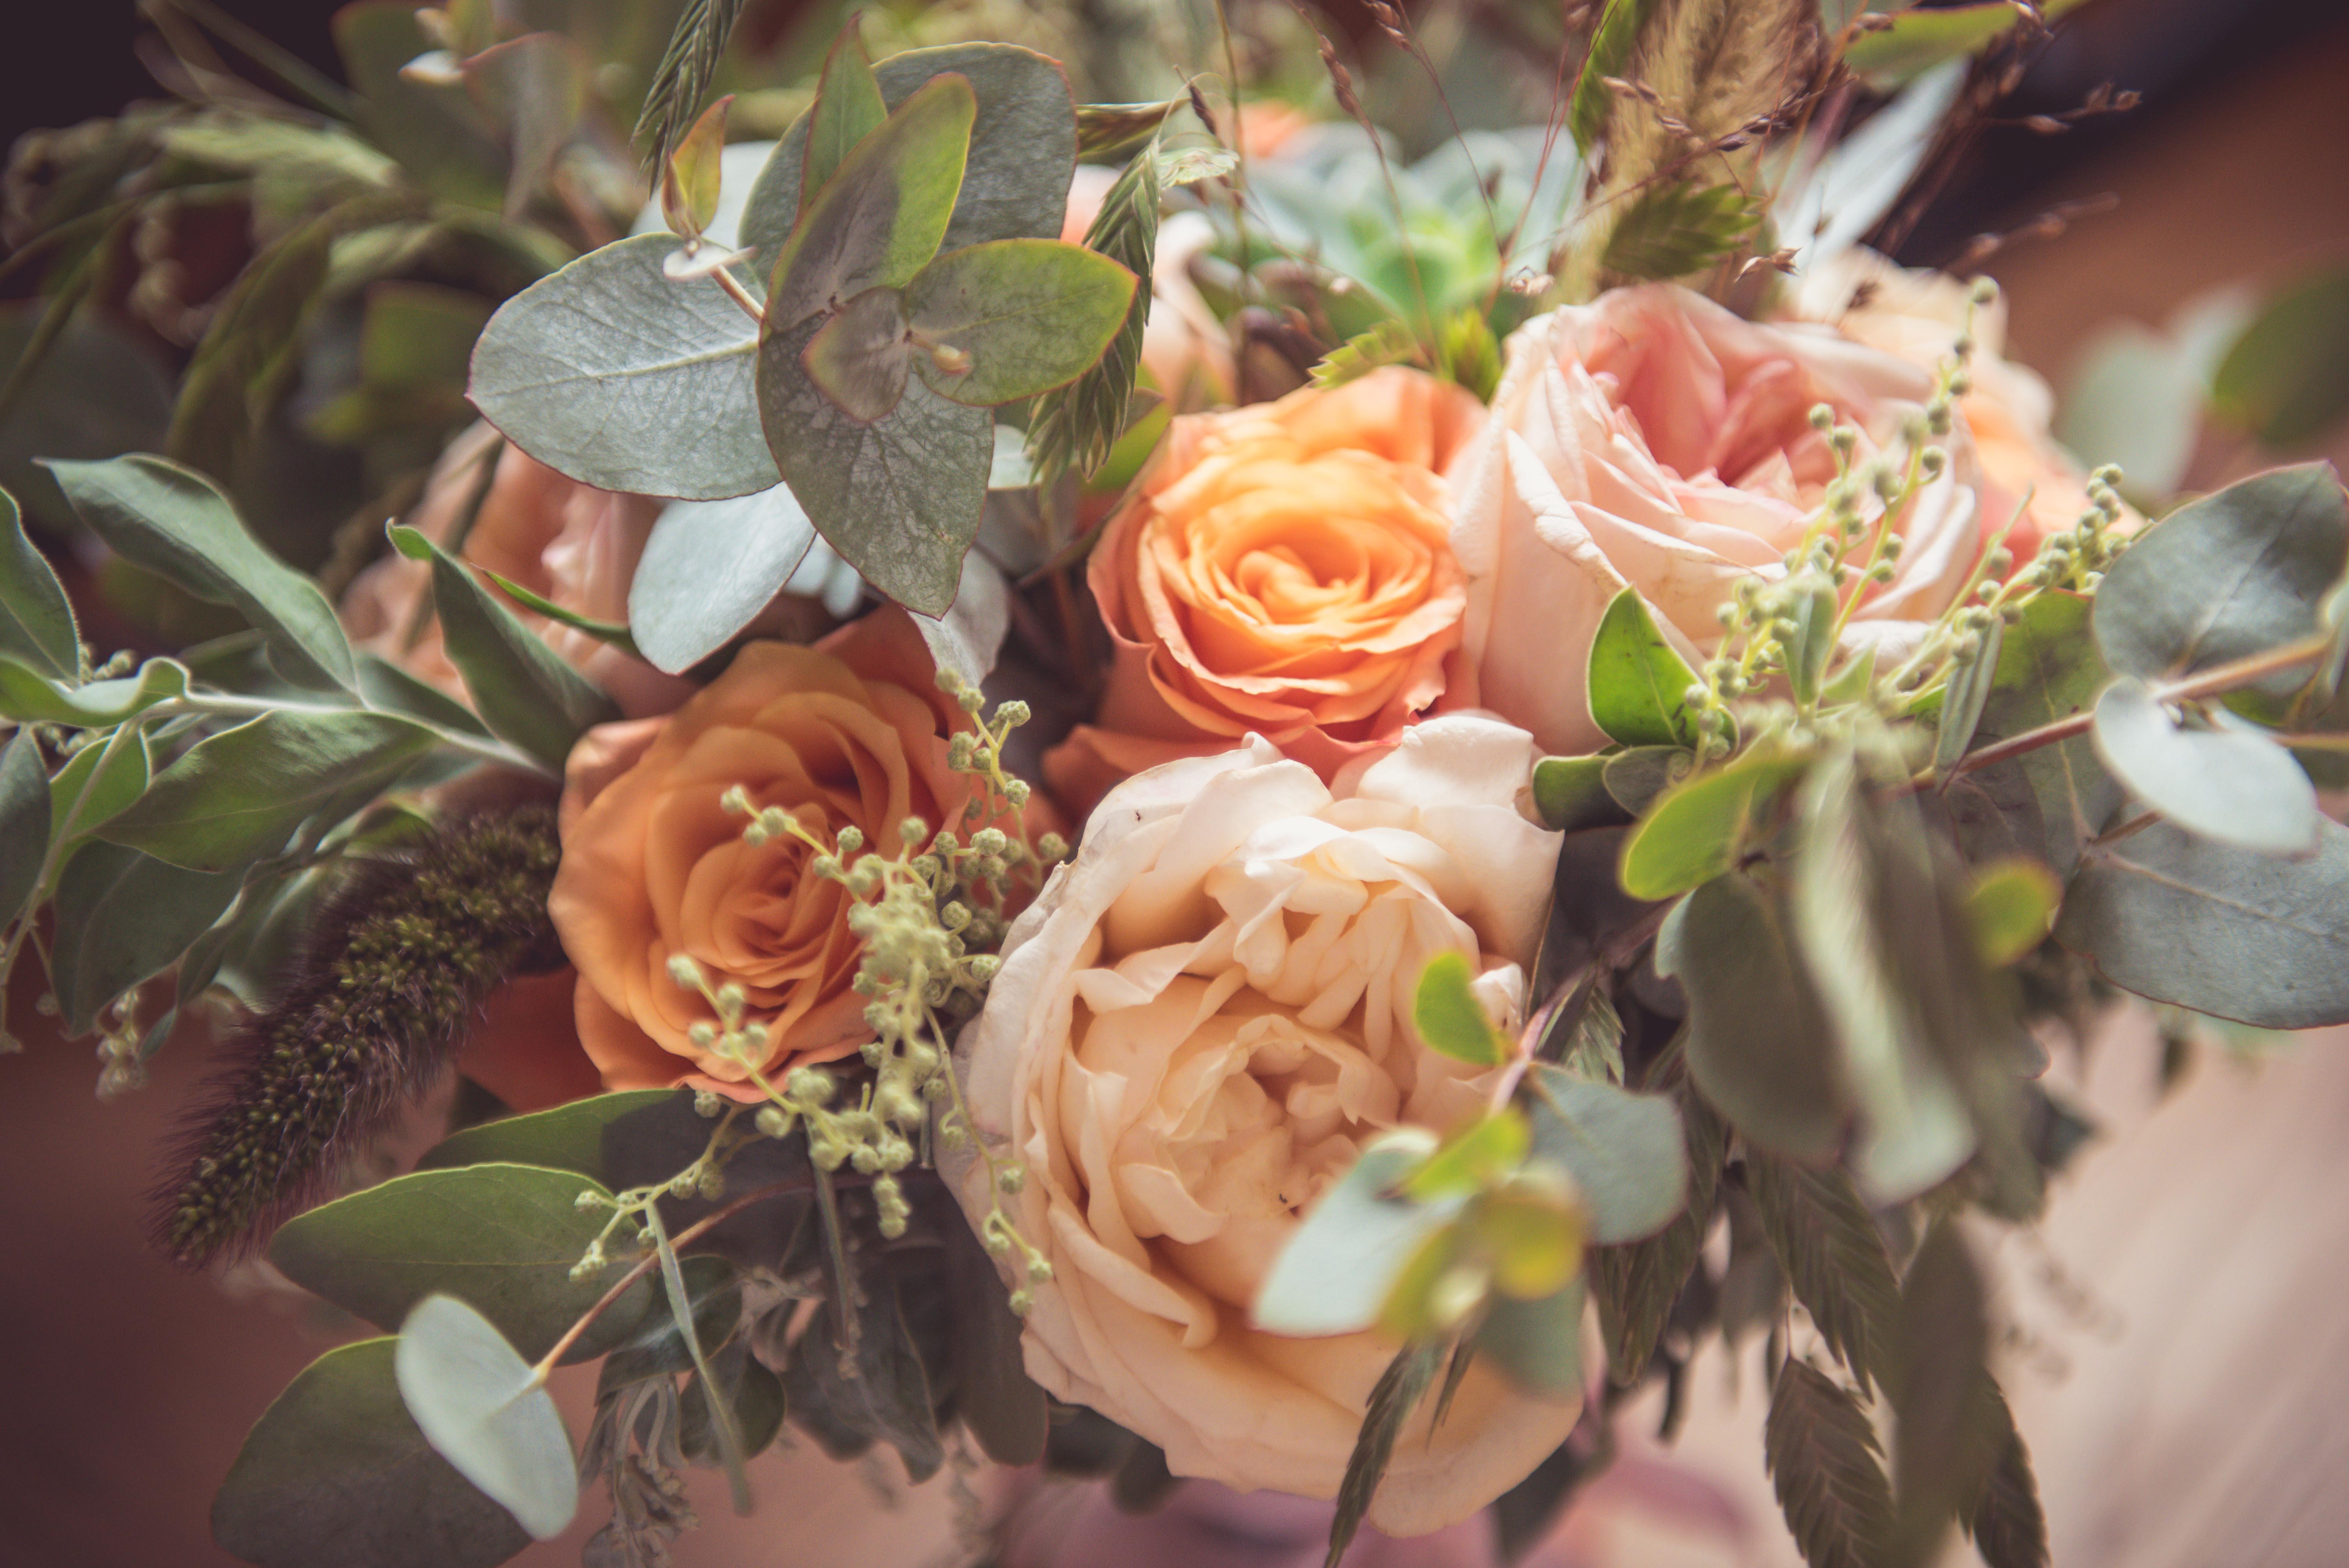 décoration de mariage orange - bouquet de mariée - rose - eucalyptus - graminés